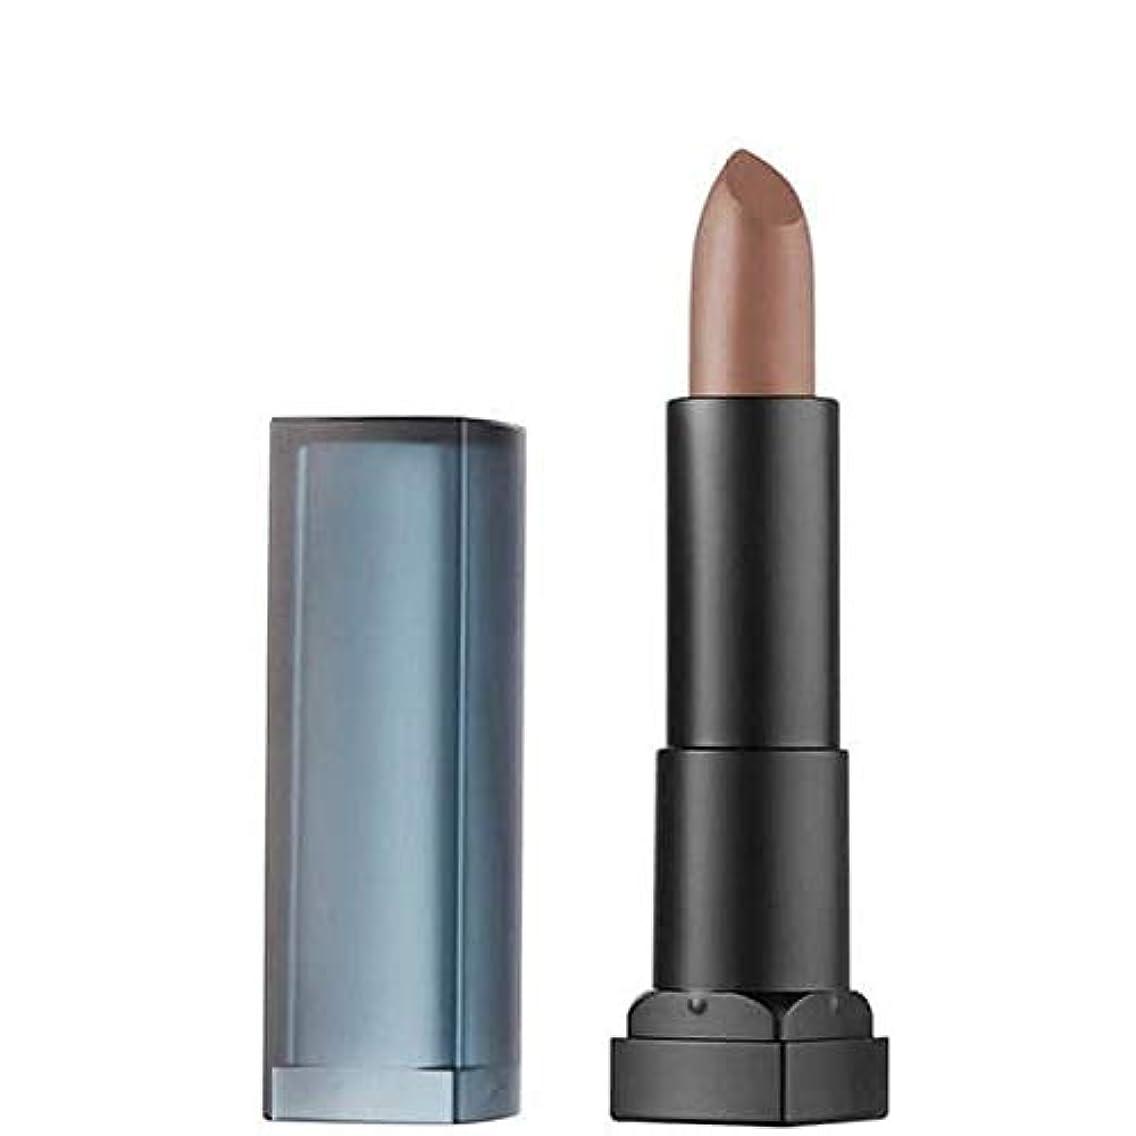 カプセル存在する負荷[Maybelline ] メイベリンカラーセンセーショナルなマット口紅15スモーキートープ - Maybelline Color Sensational Matte Lipstick 15 Smoky Taupe [並行輸入品]